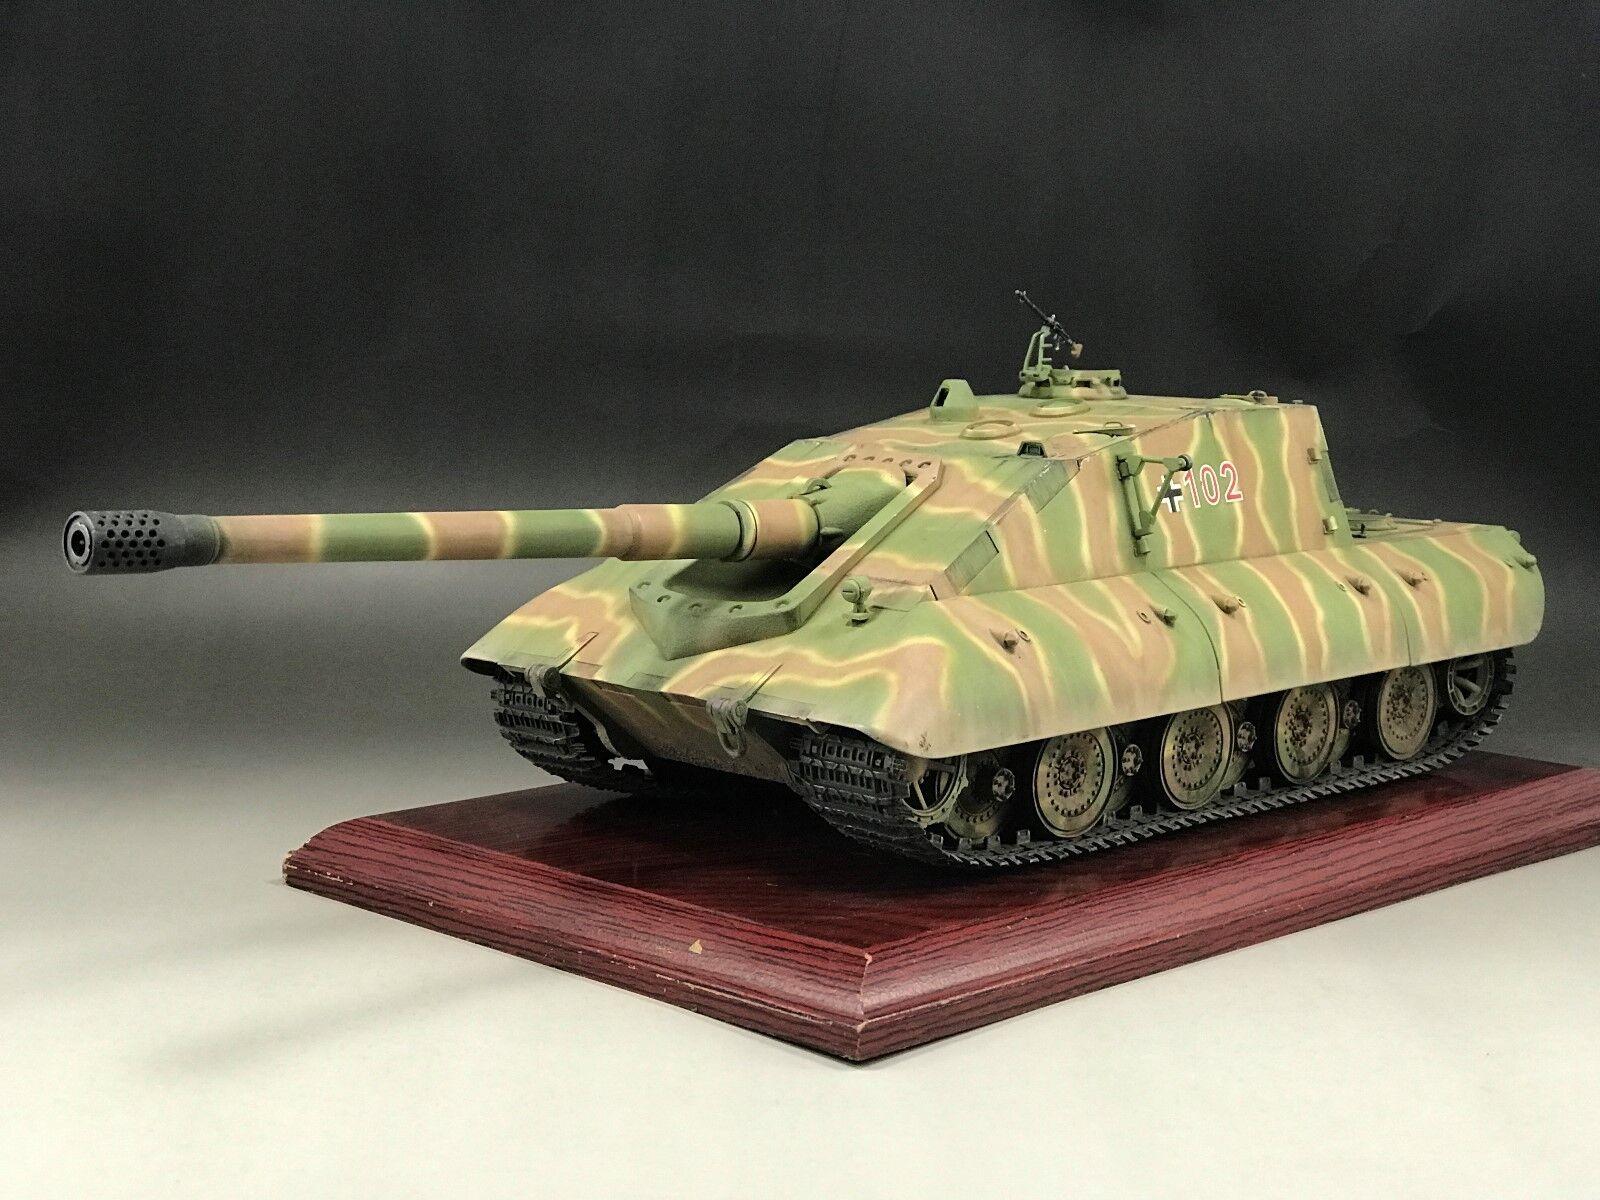 1 35 Built Trumpeter 01596 German Jagdpanzer E-100 Tank Destroyer Model